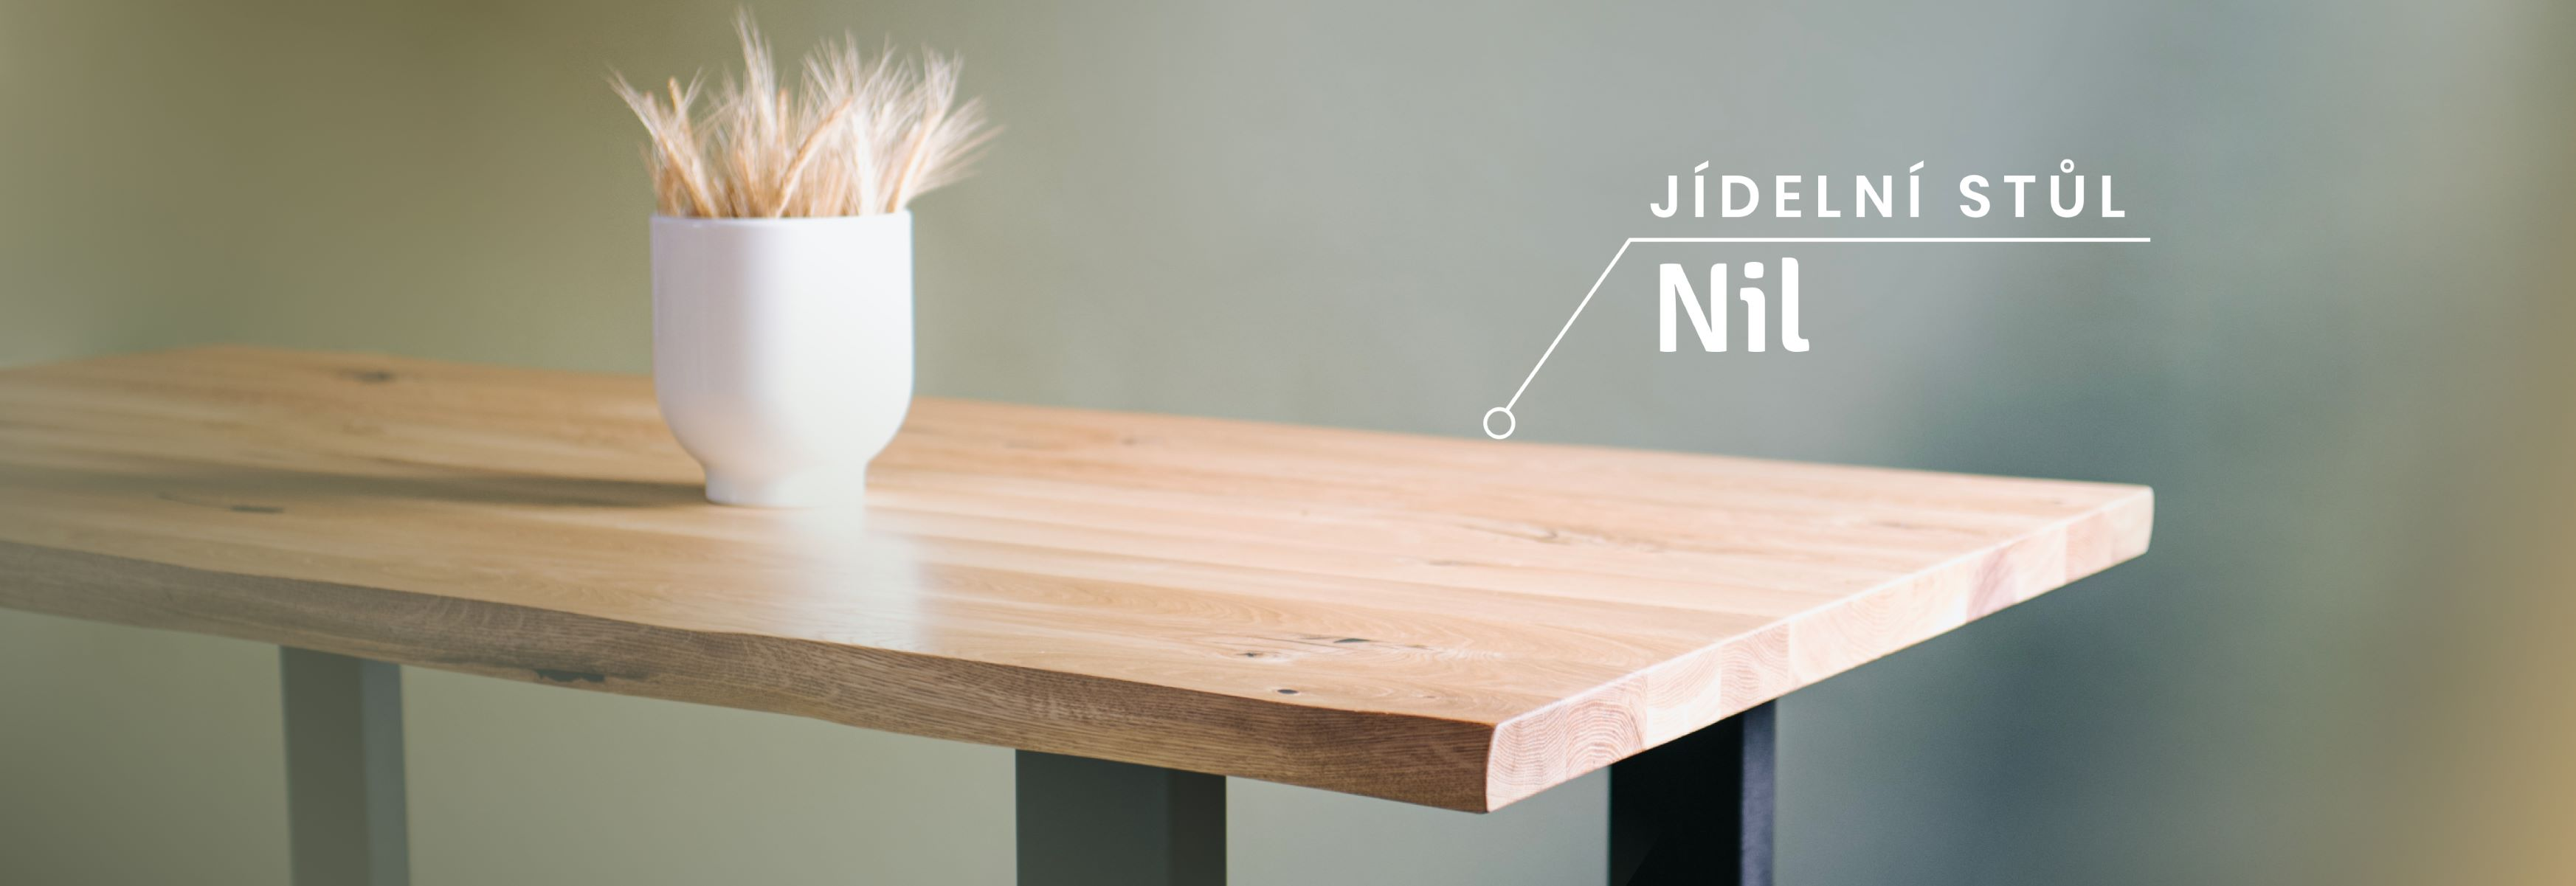 Masivní jídelní stůl Nil